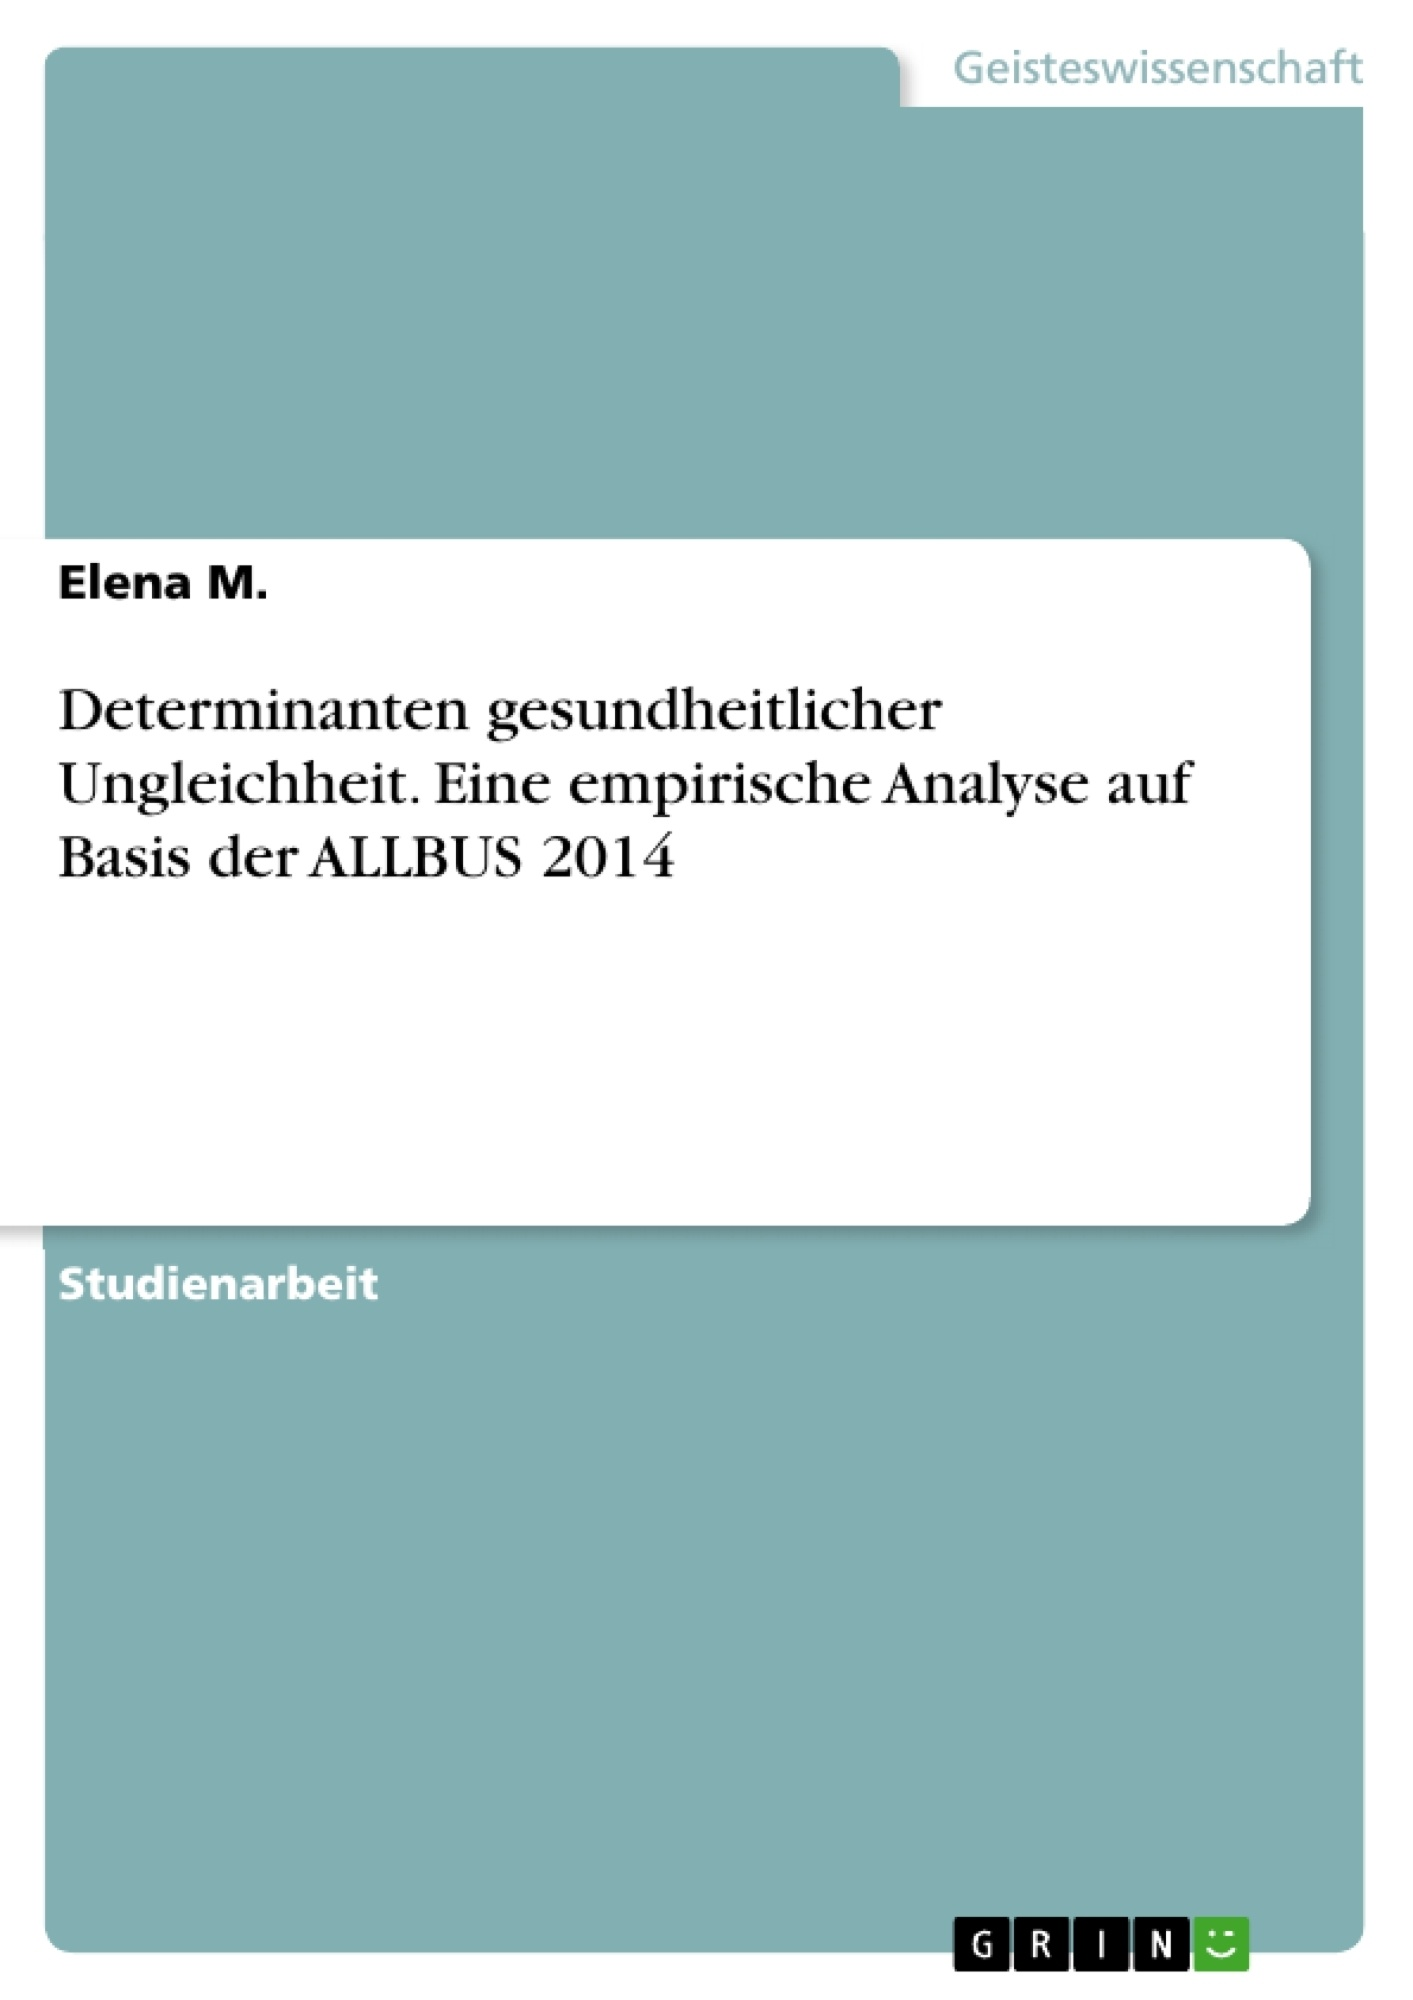 Titel: Determinanten gesundheitlicher Ungleichheit. Eine empirische Analyse auf Basis der ALLBUS 2014